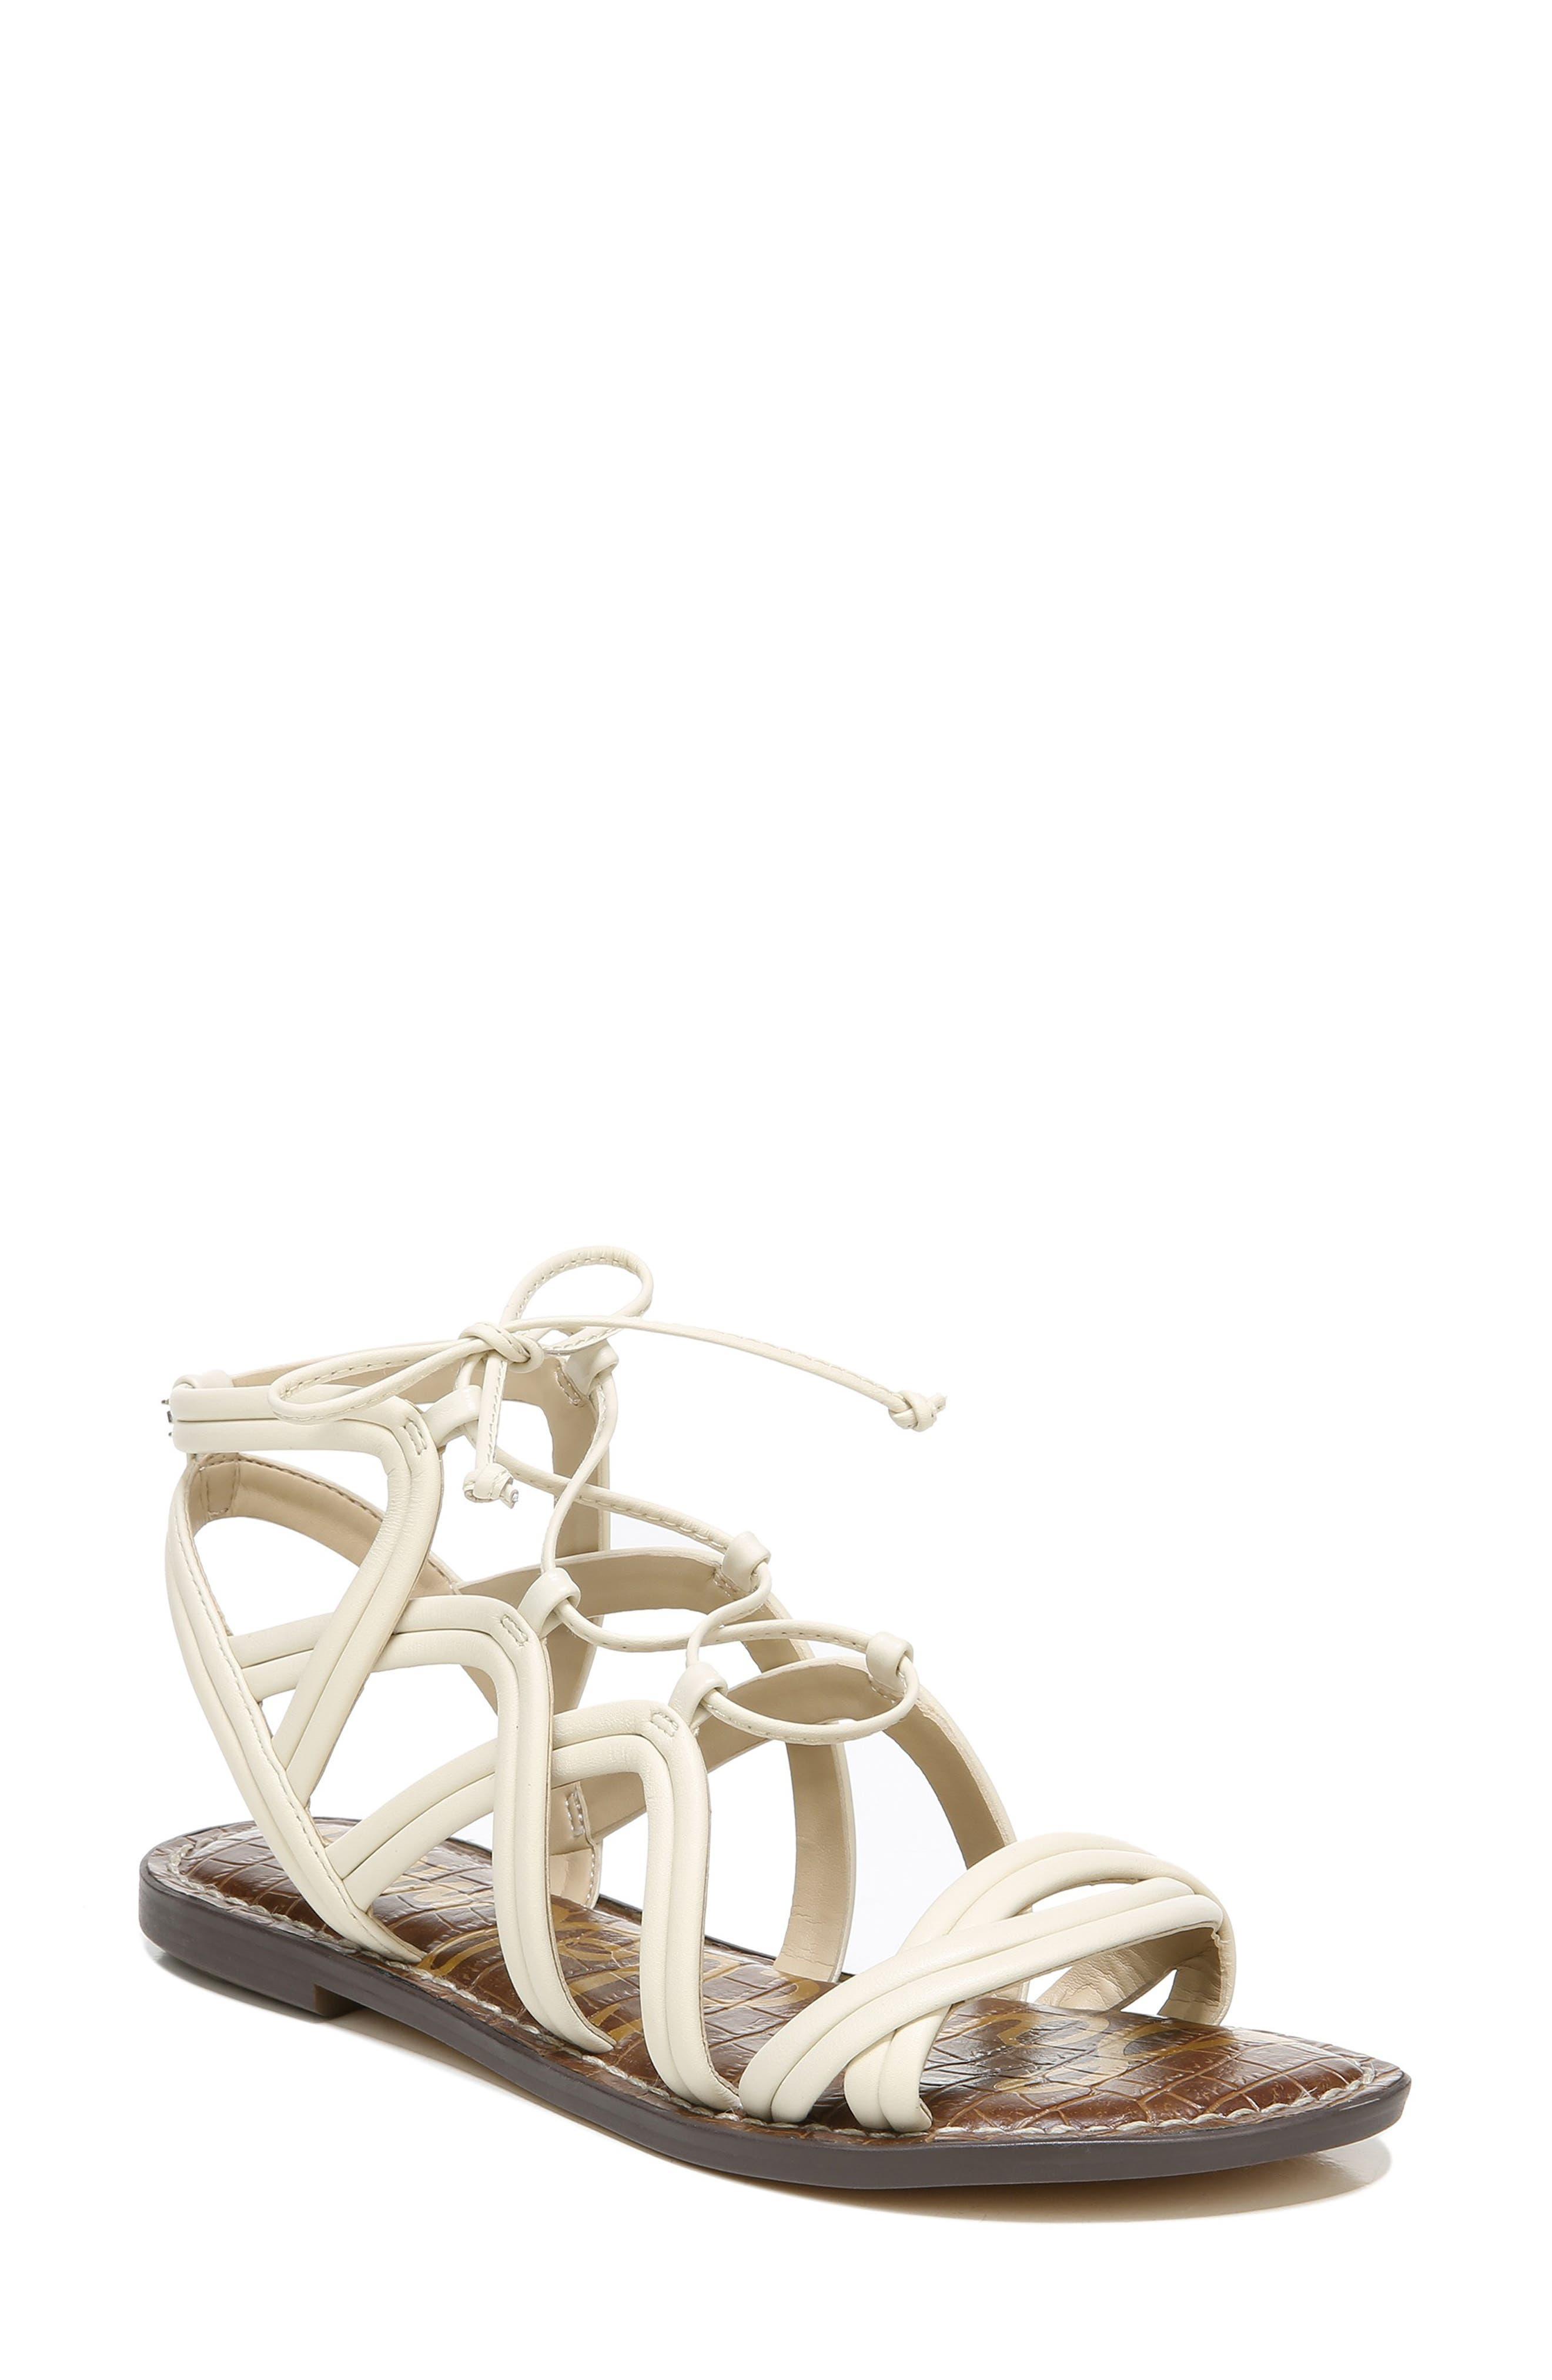 Summer platform high block heel  leather sandals peep toe lace up sandals wedges platform sandals belt closer  greek roman gladiator sandals